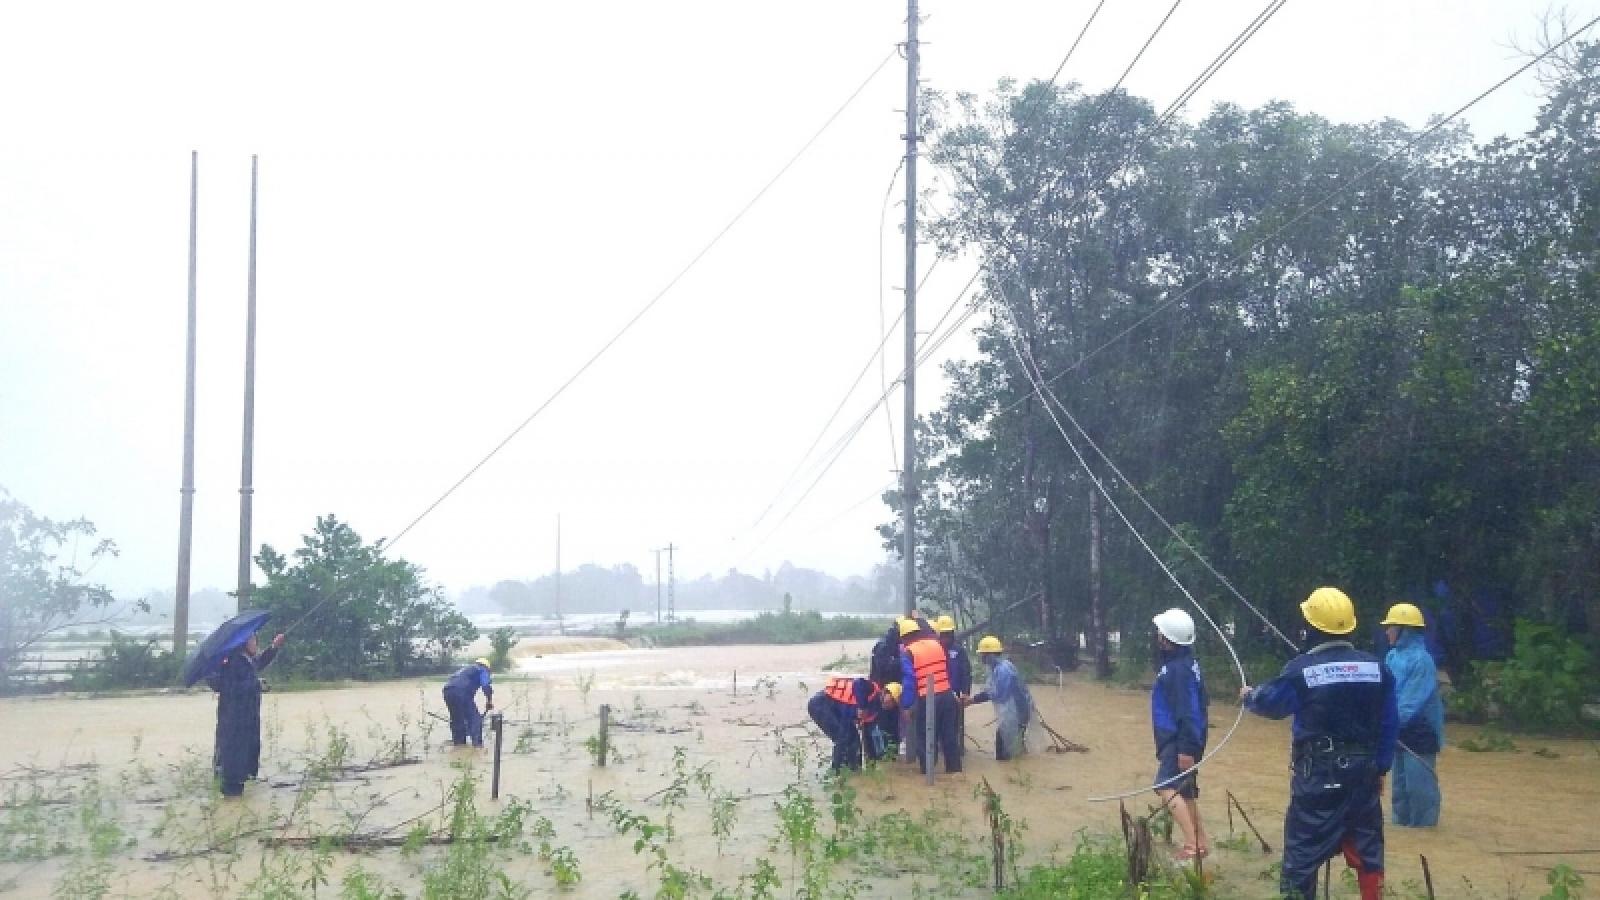 Khu vực A Vao (Quảng Trị) và Tây Giang (Quảng Nam) chưa thể khắc phụcmất điện sau mưa lũ